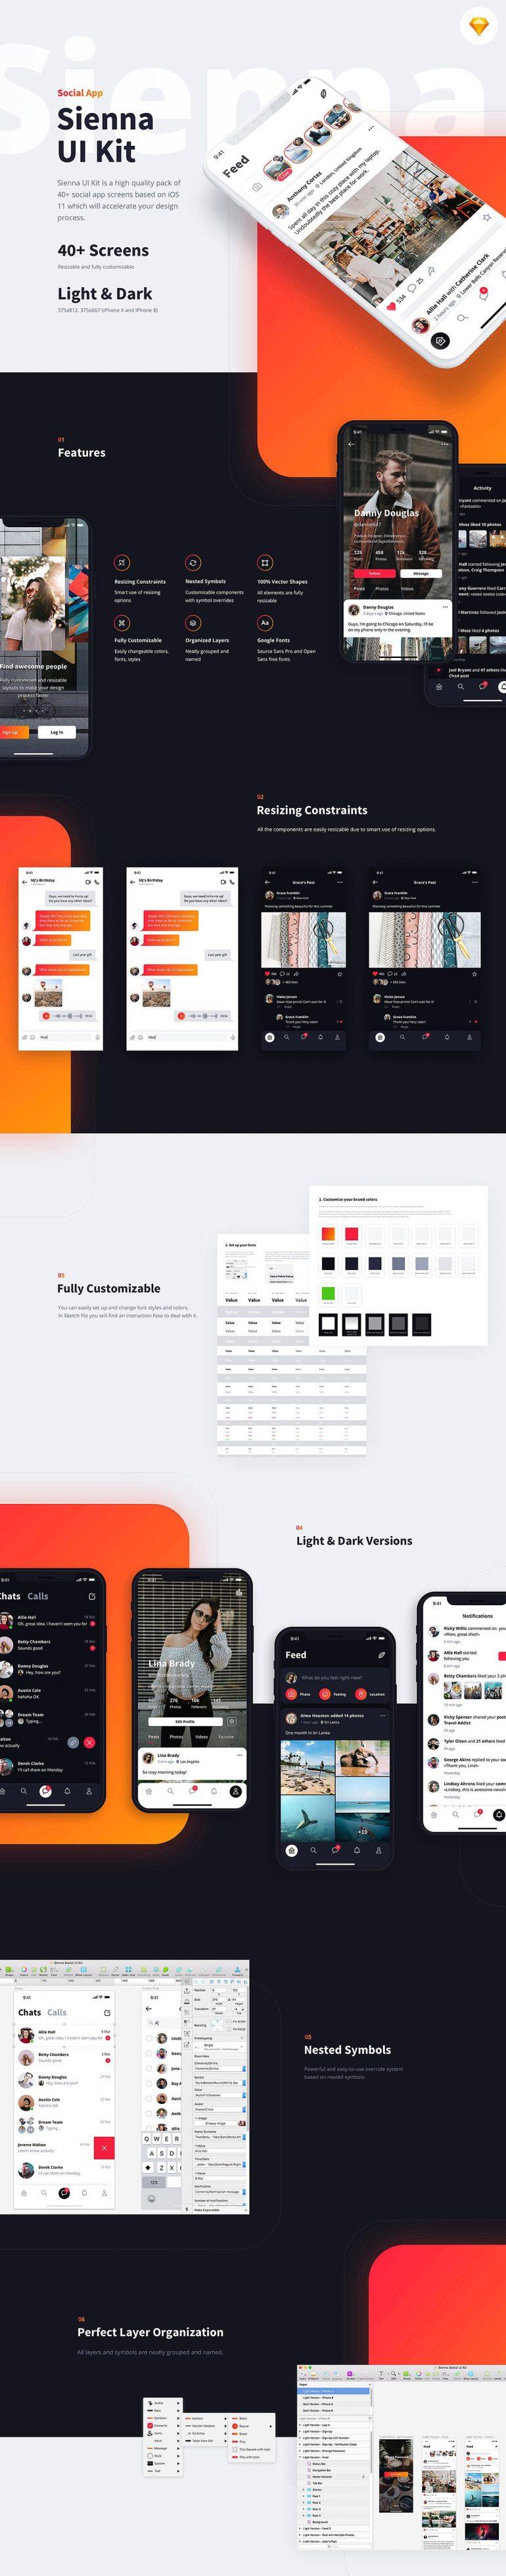 Sienna iOS UI Kit on Inspirationde